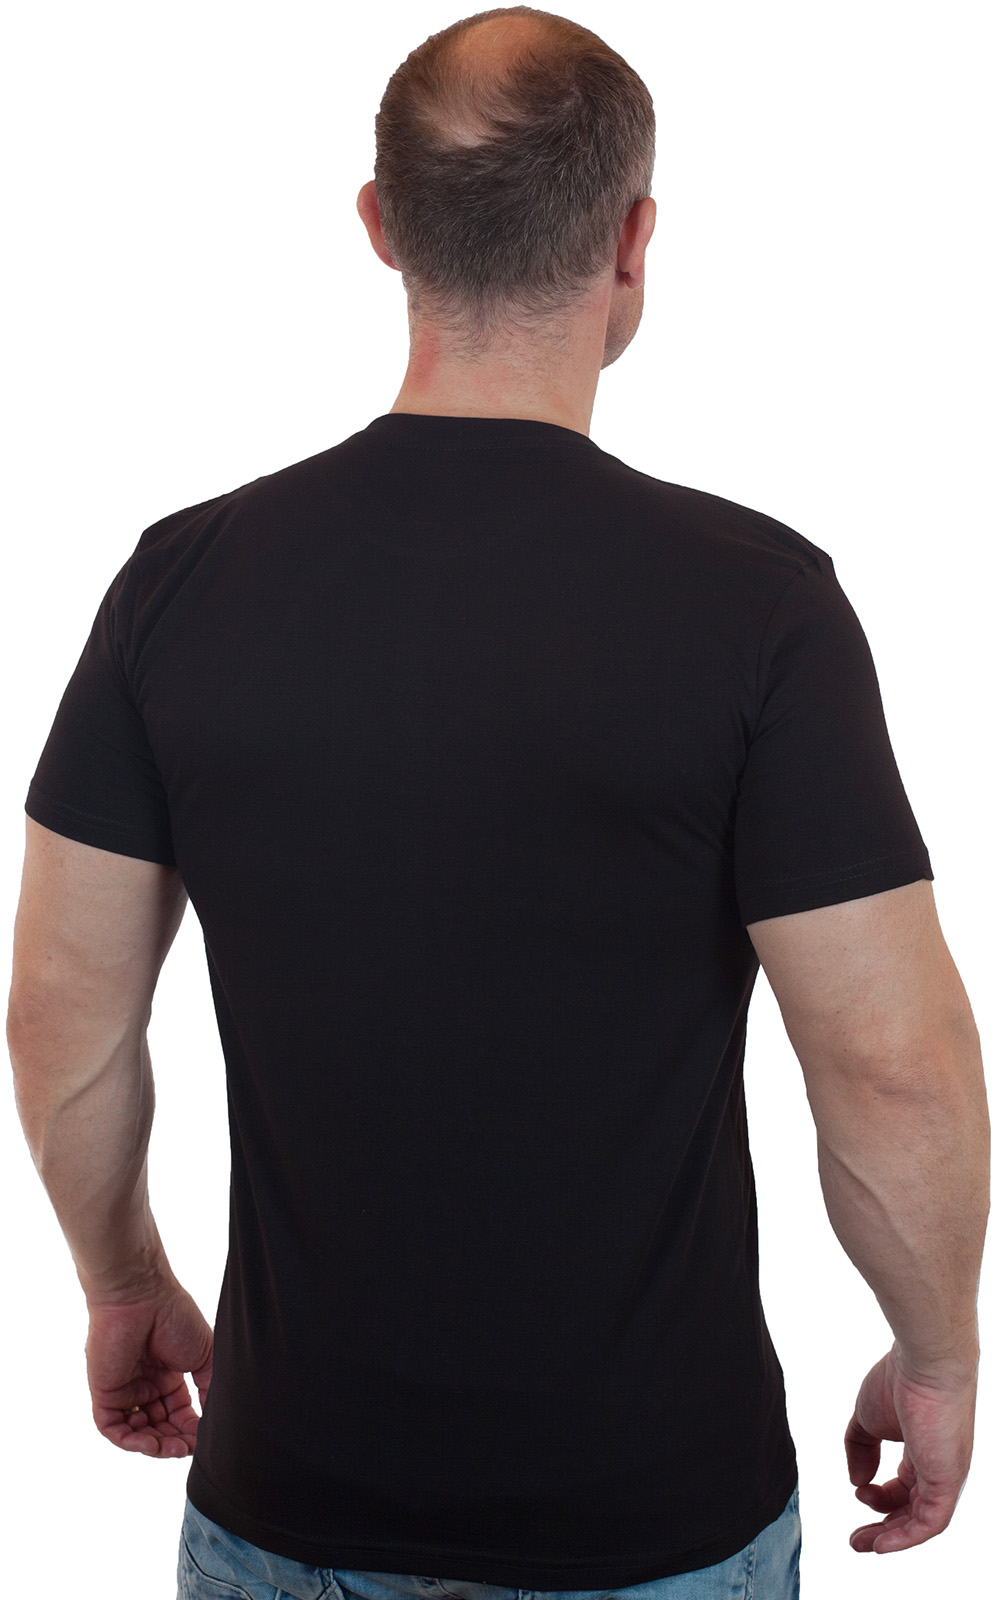 Хлопковая мужская футболка с вышивкой ПогООН БАРС 14 - купить выгодно